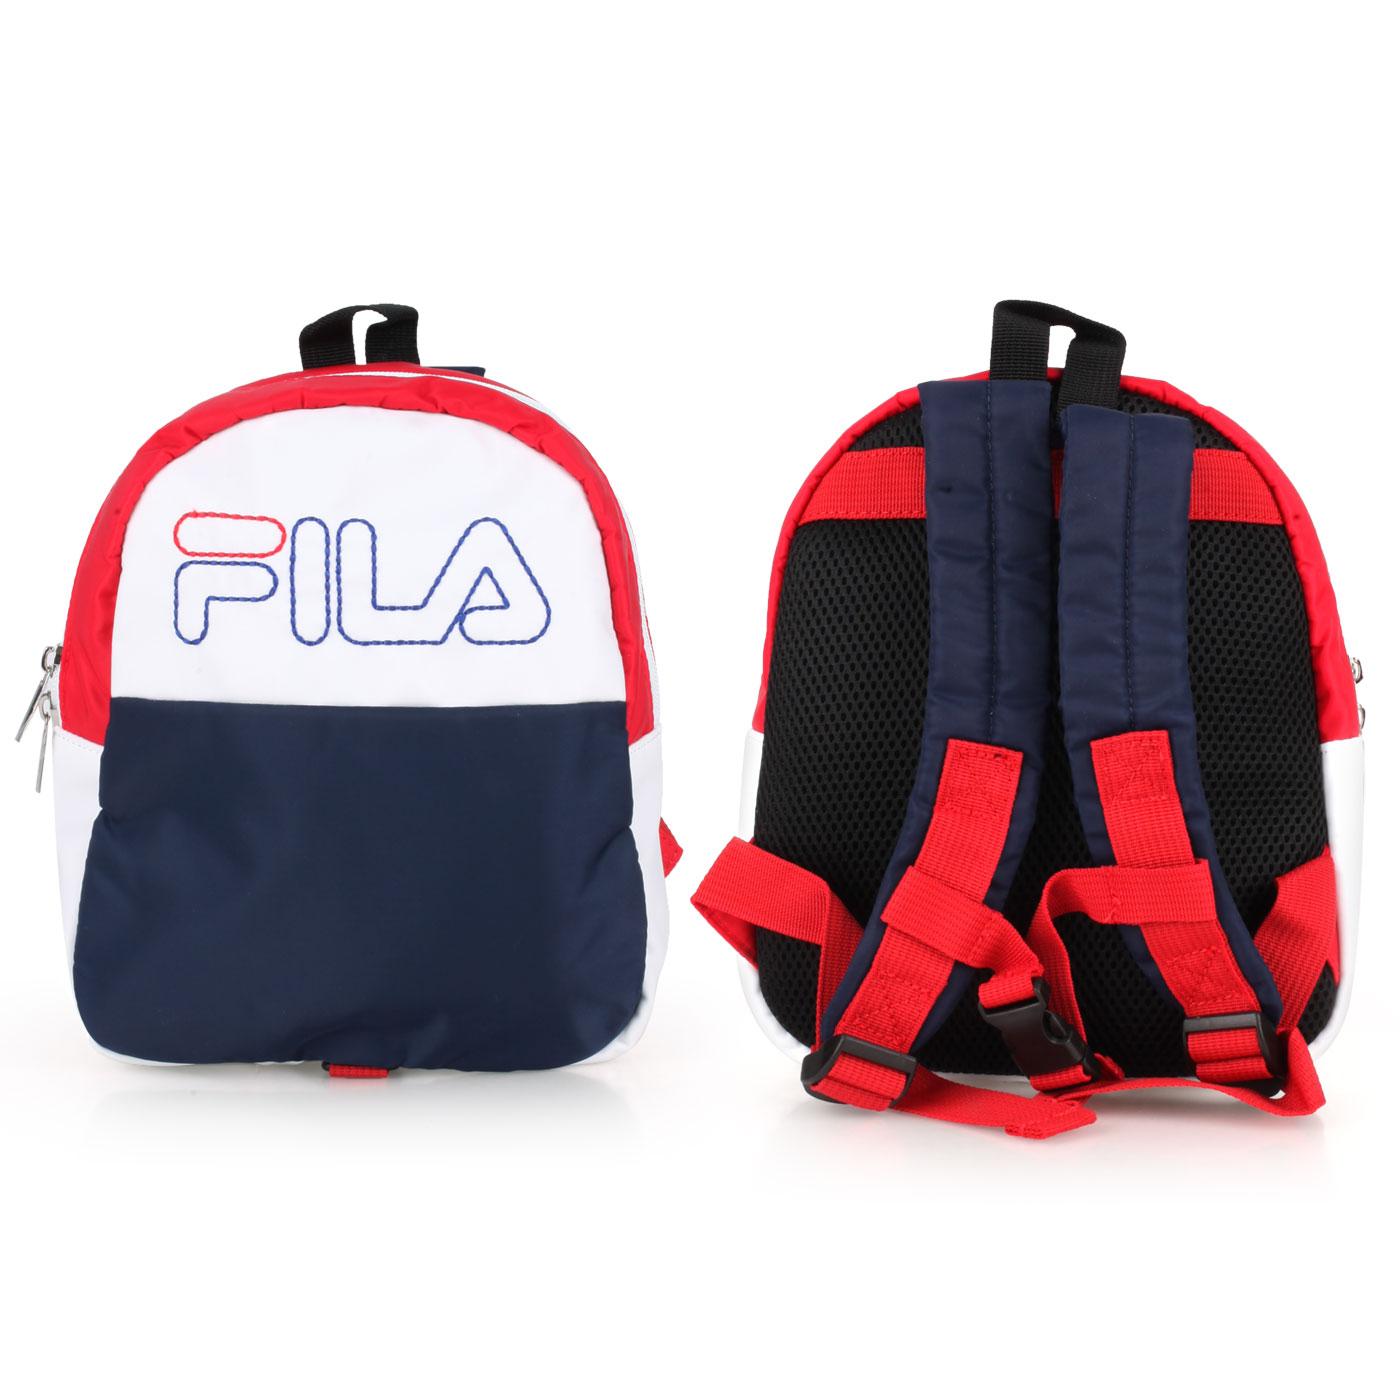 FILA 兒童後背包 BPT-9017-BU